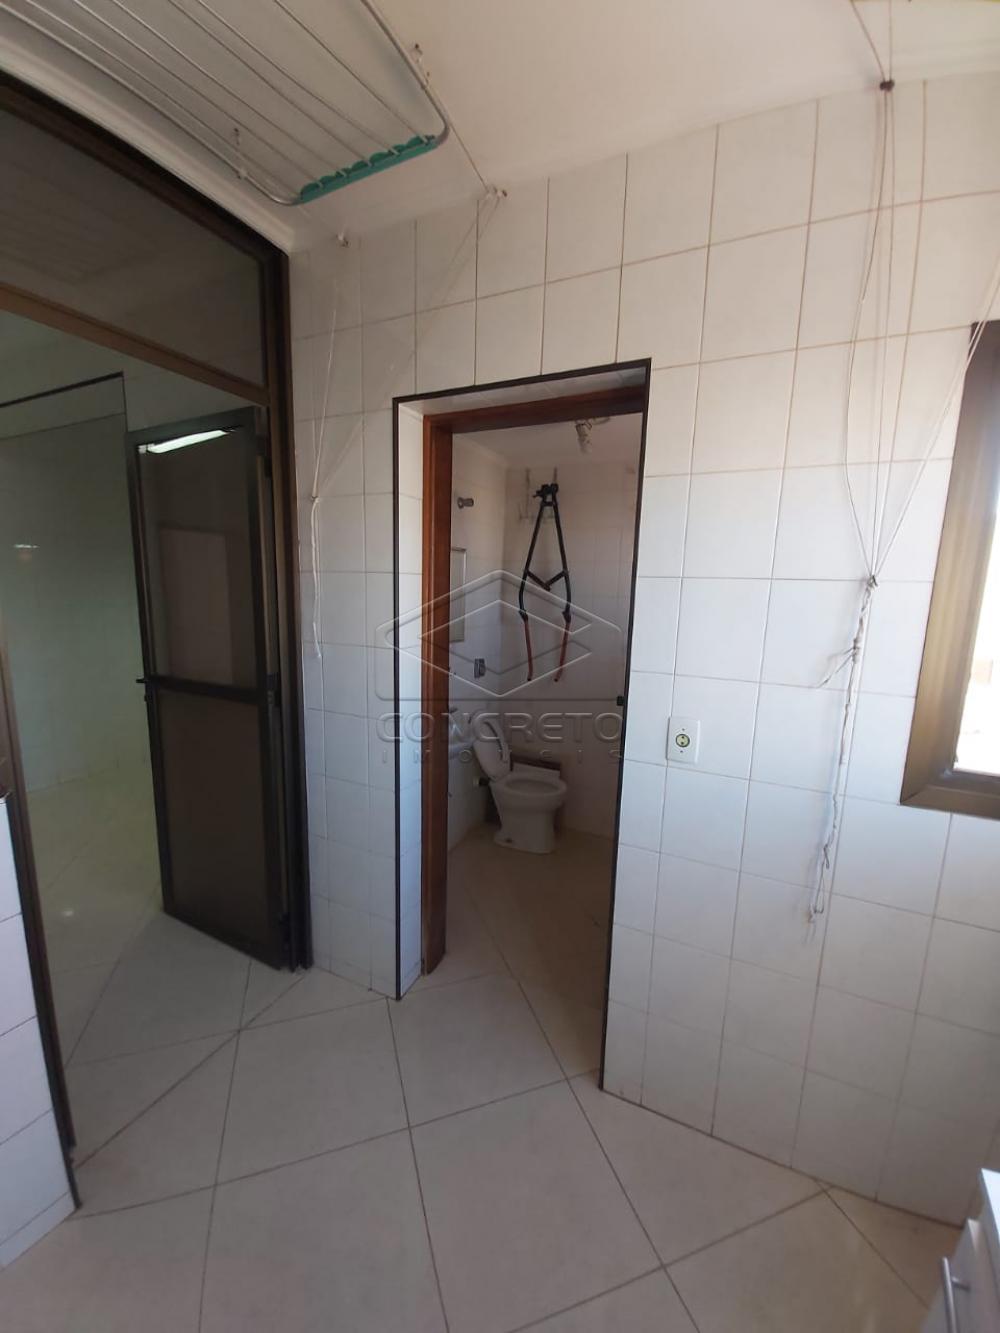 Comprar Apartamento / Padrão em Bauru R$ 510.000,00 - Foto 17